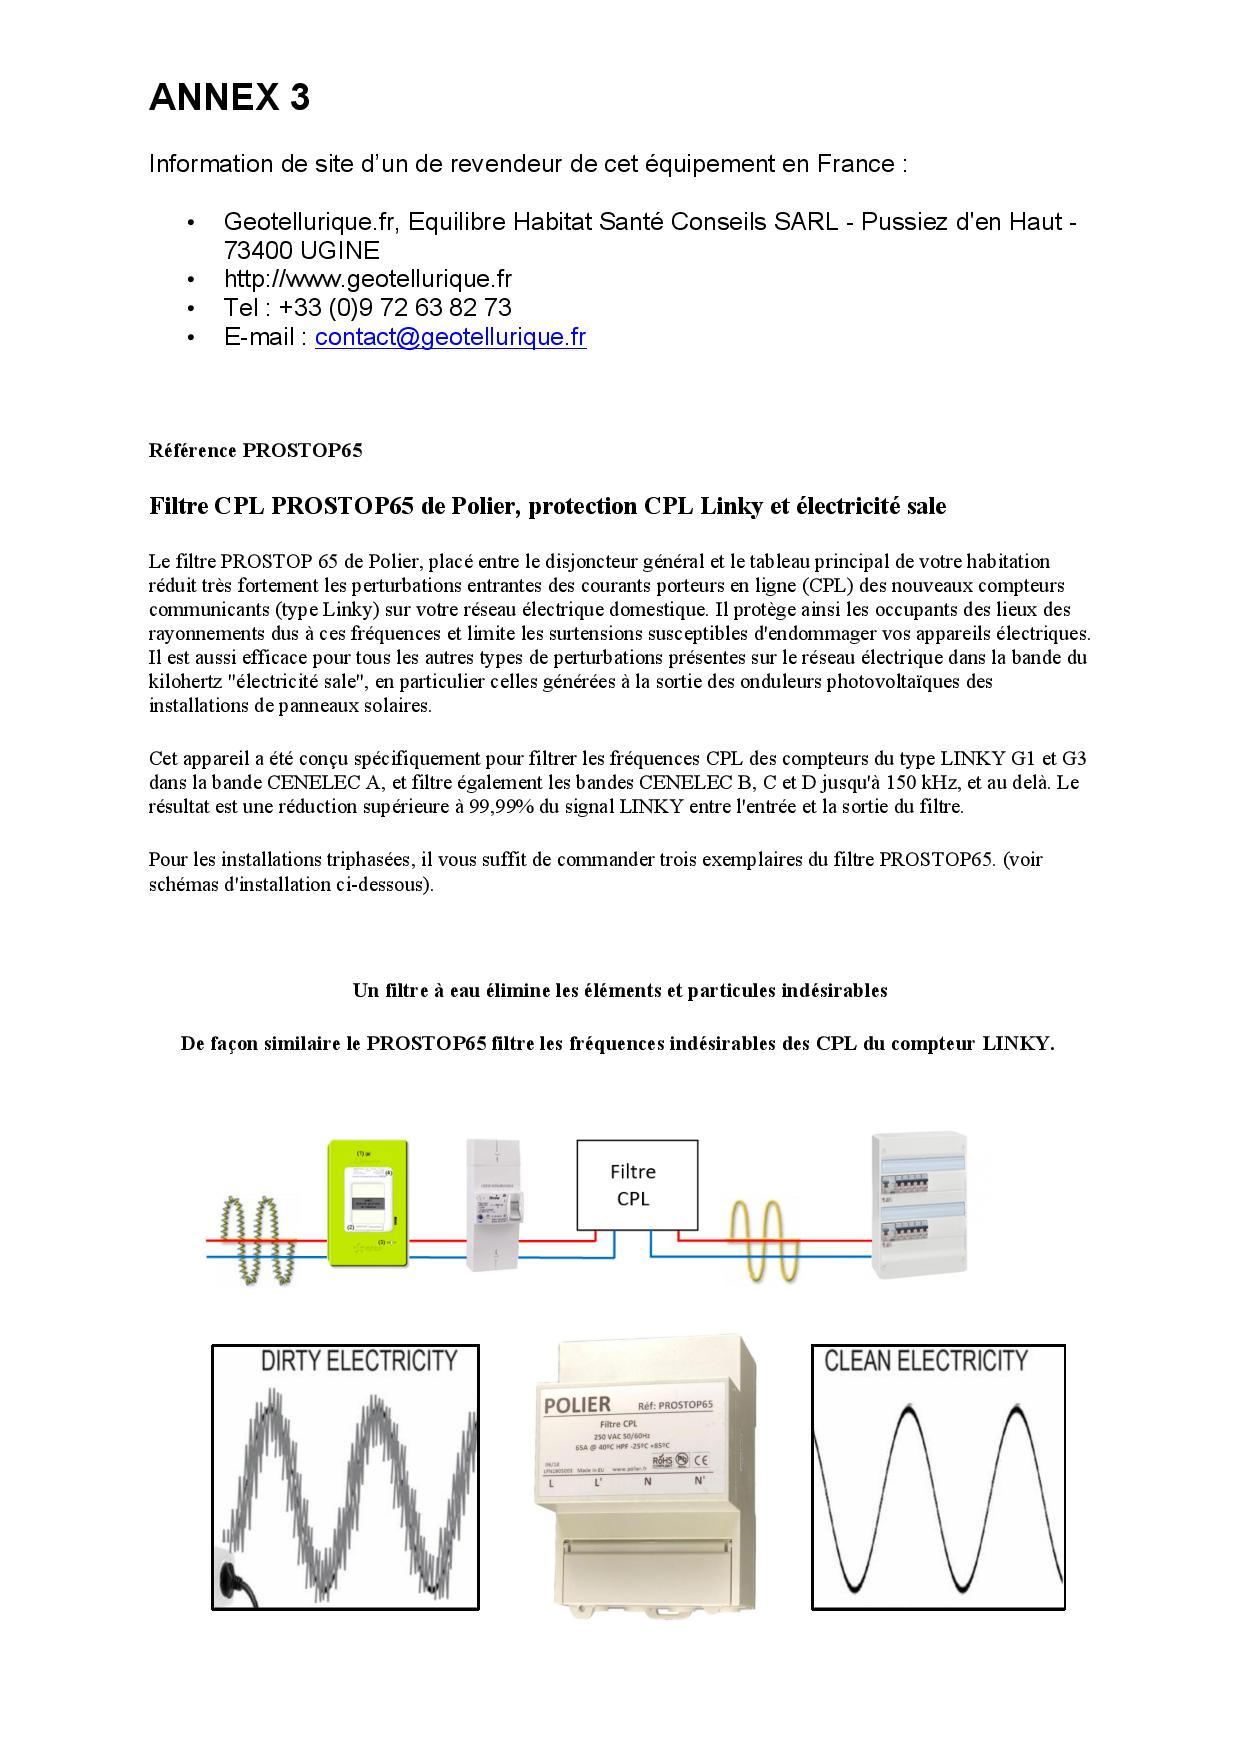 Annex 3 Filtre Polier-page-001.jpg